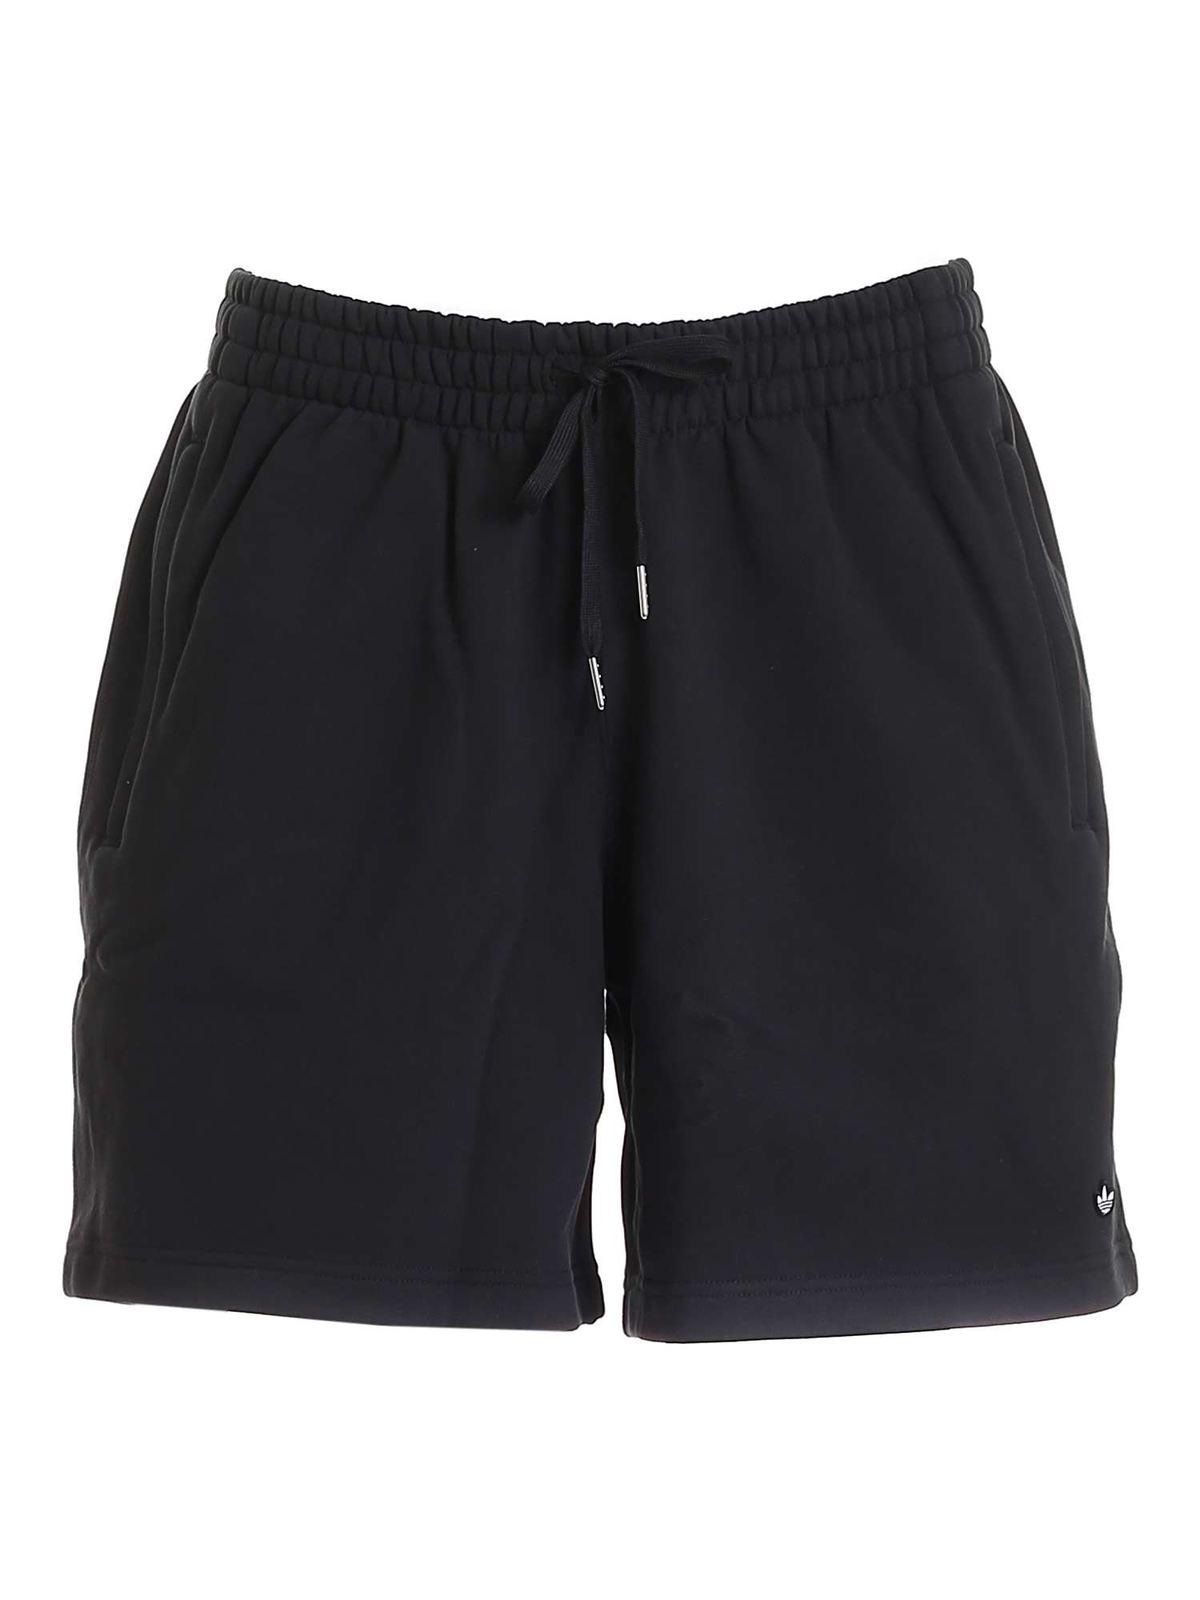 Adidas Originals Adicolour Premium Black Cotton Shorts